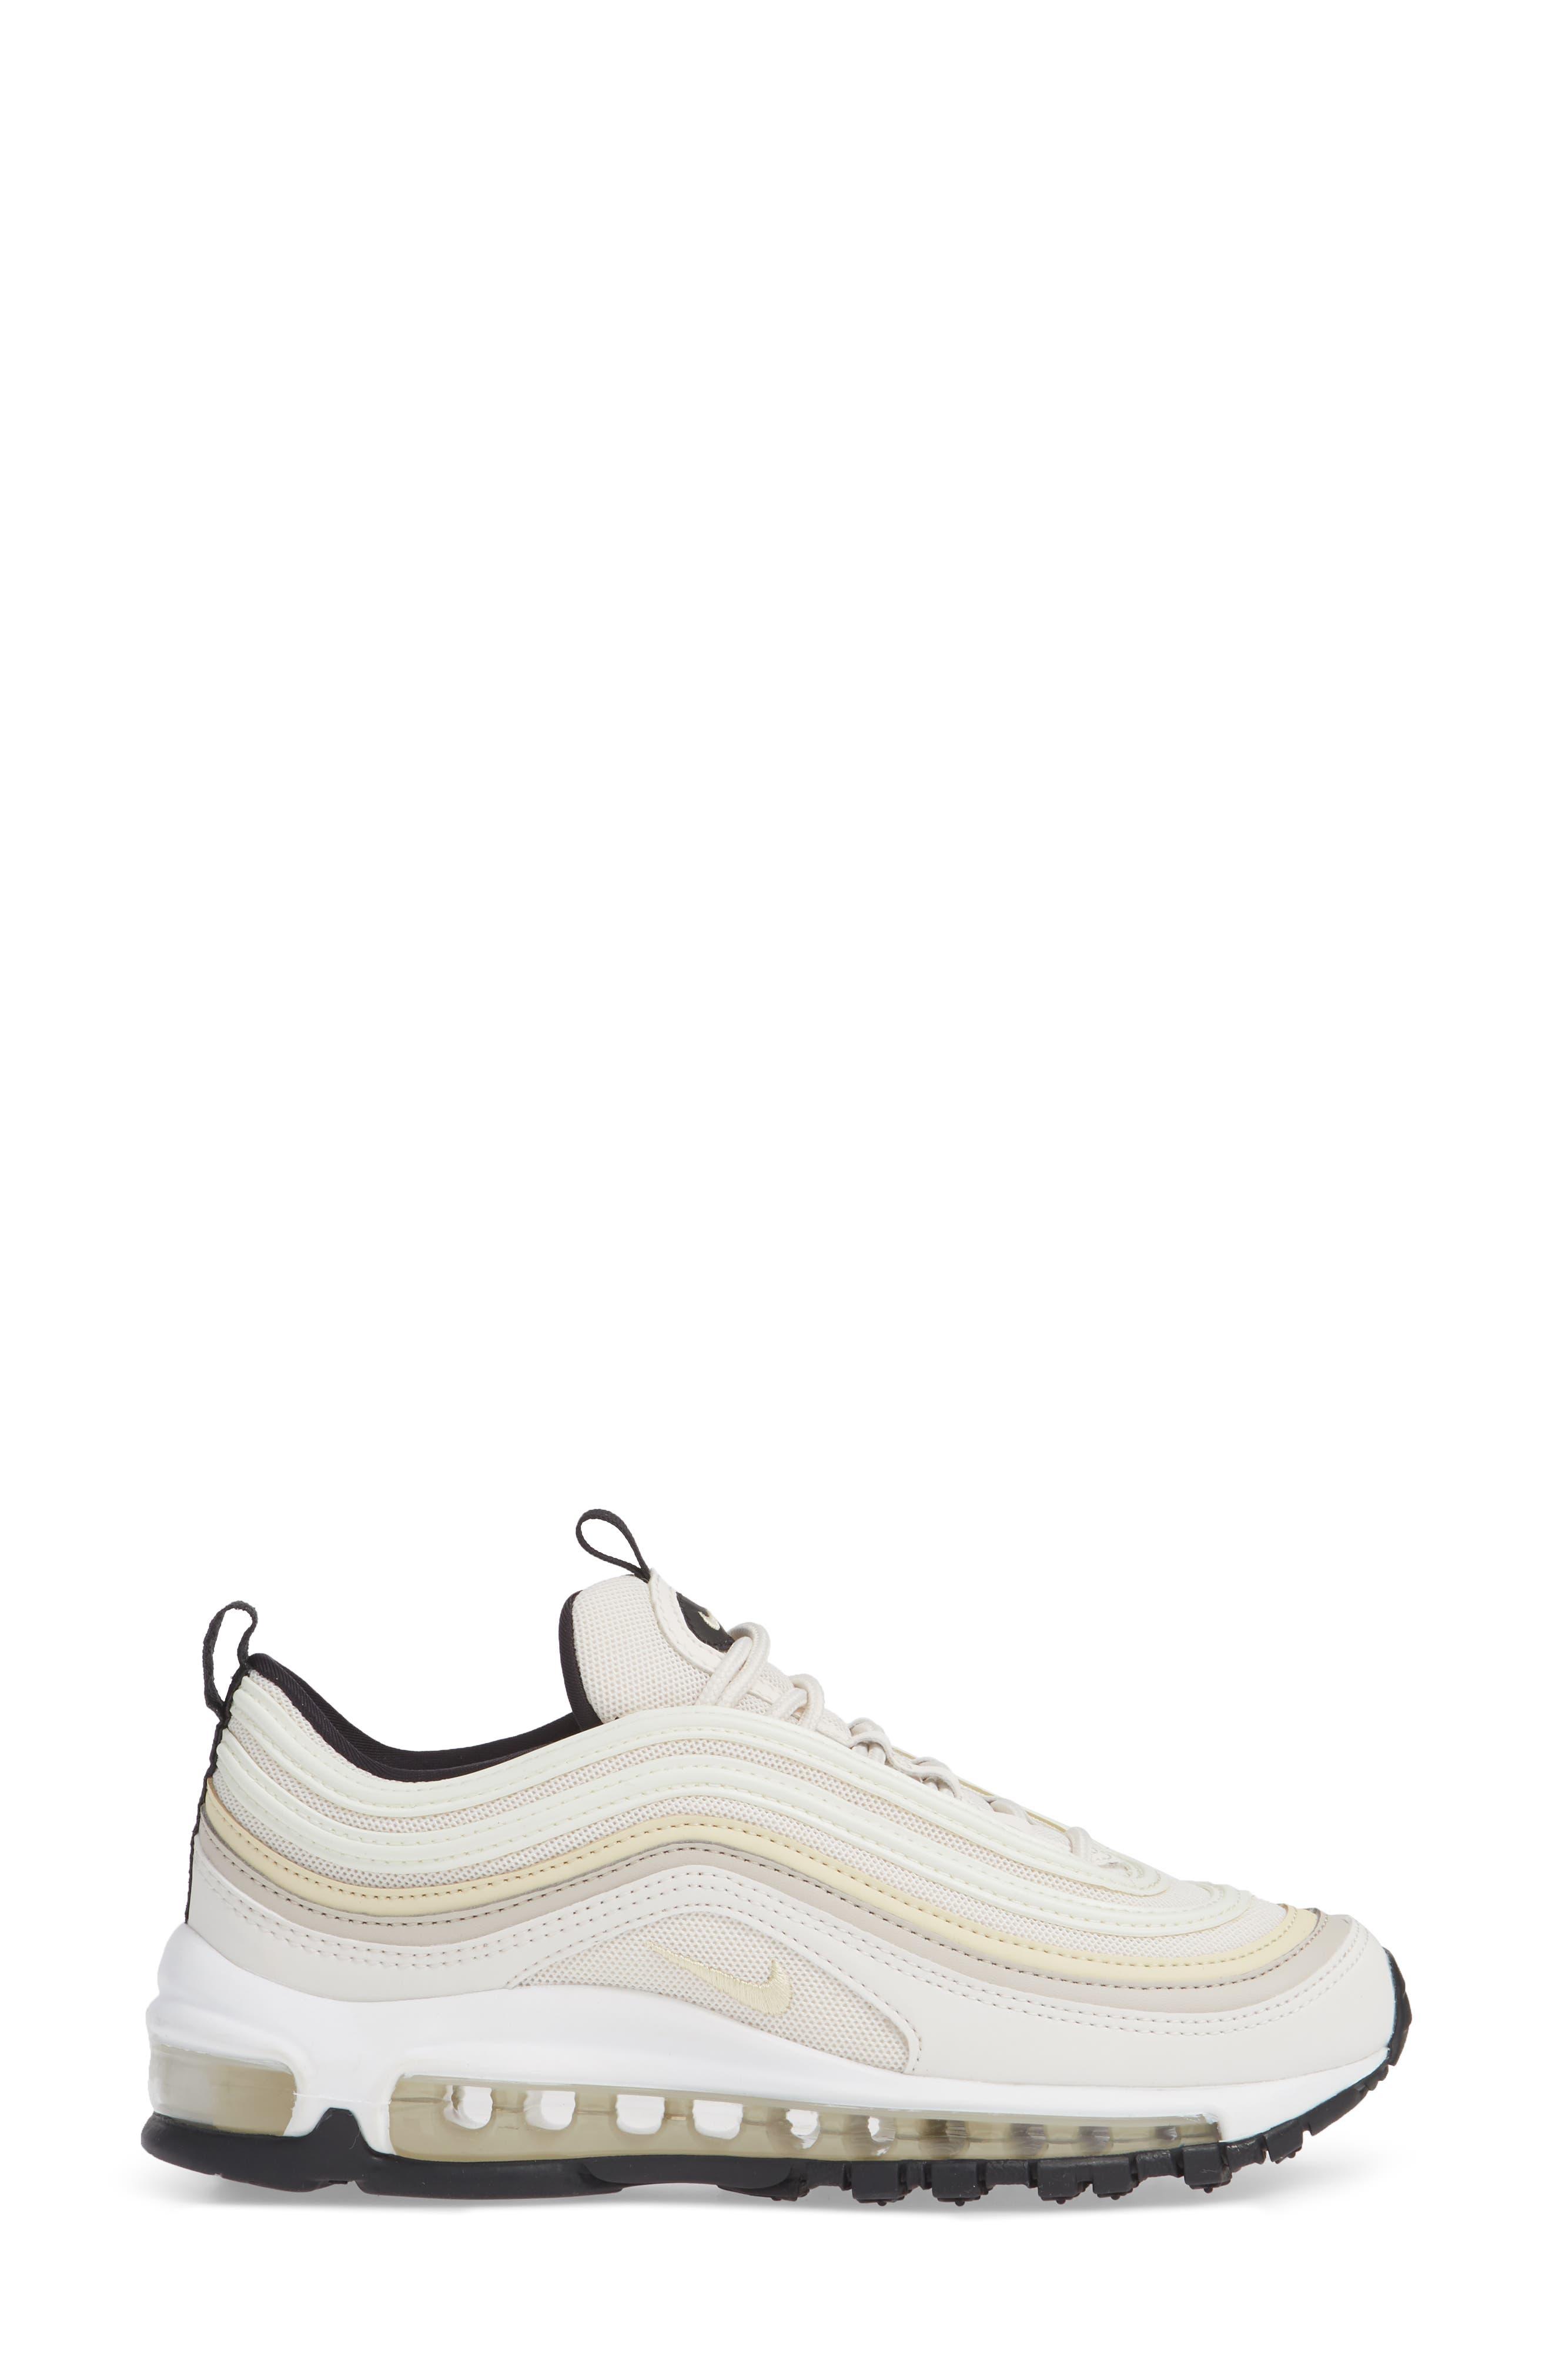 Air Max 97 Sneaker,                             Alternate thumbnail 3, color,                             250